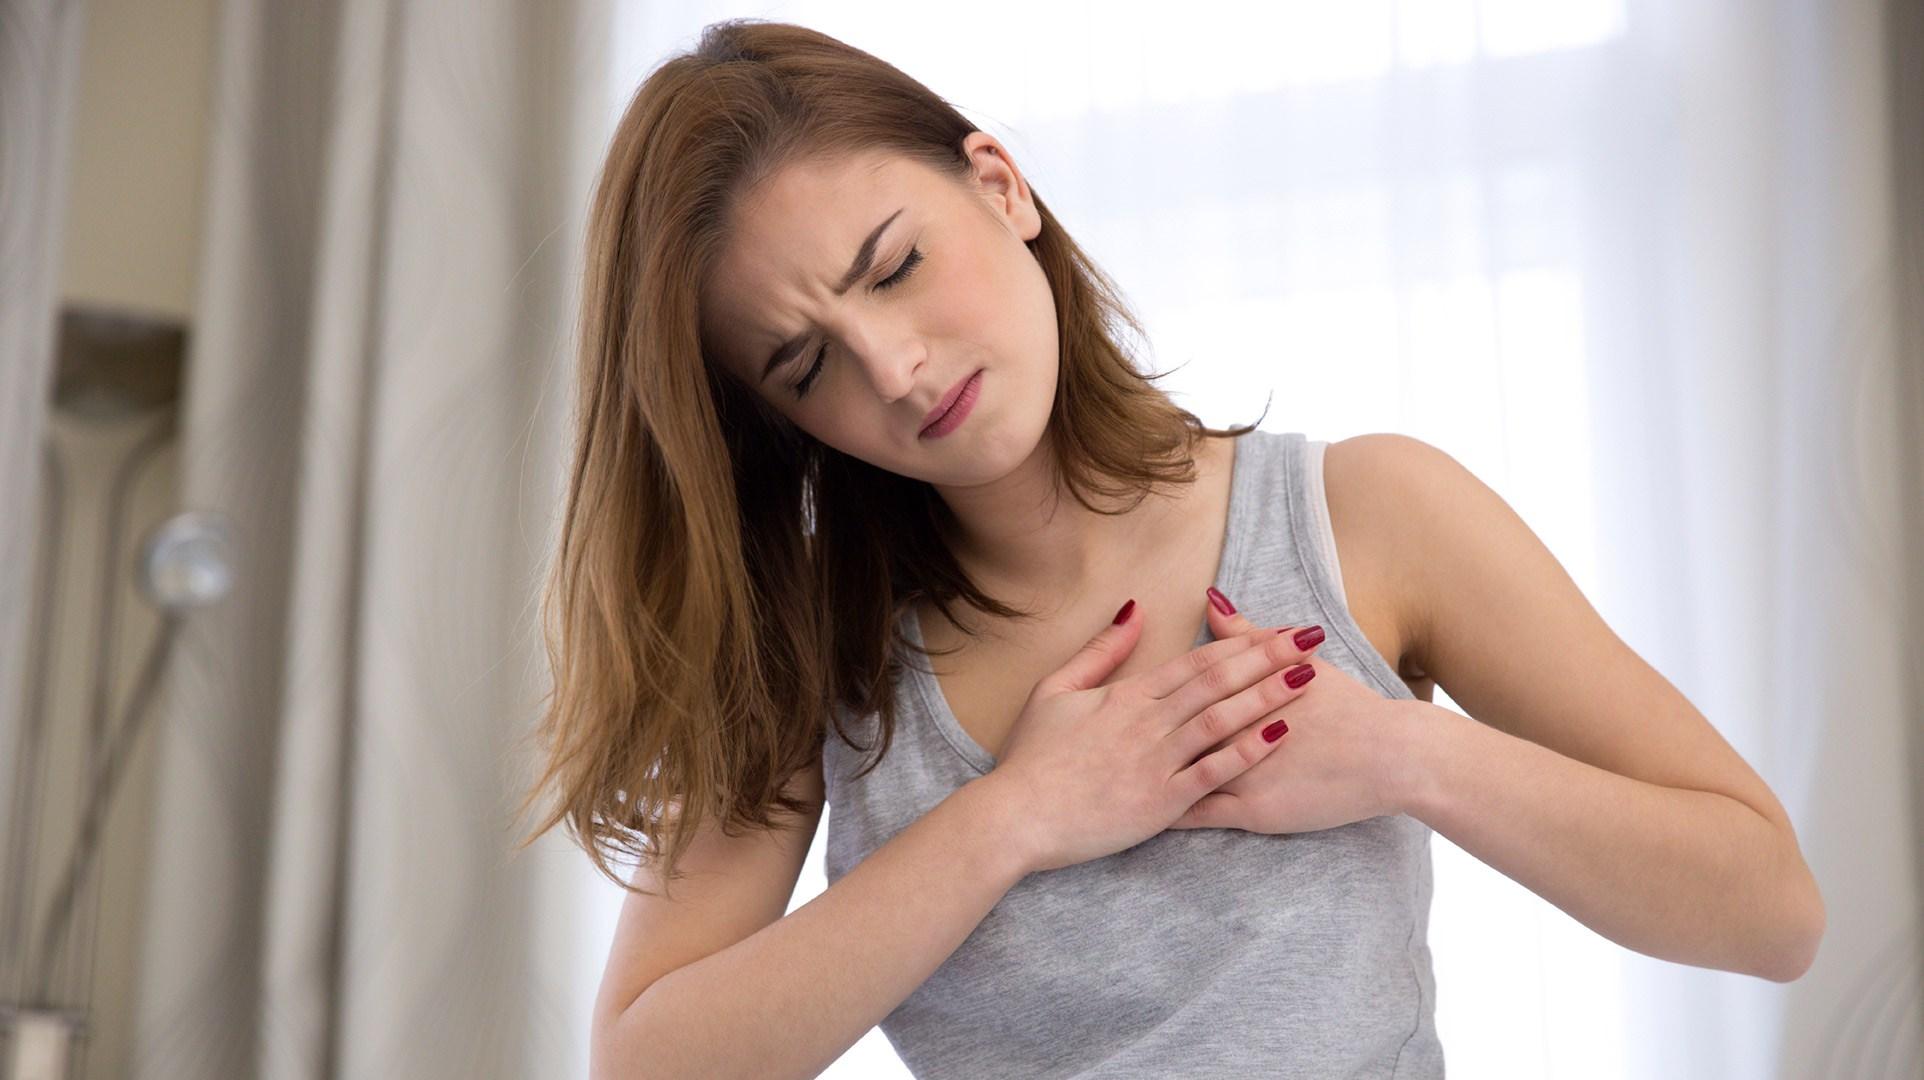 7 premiers signes de cancer du sein que chaque fille doit connaître